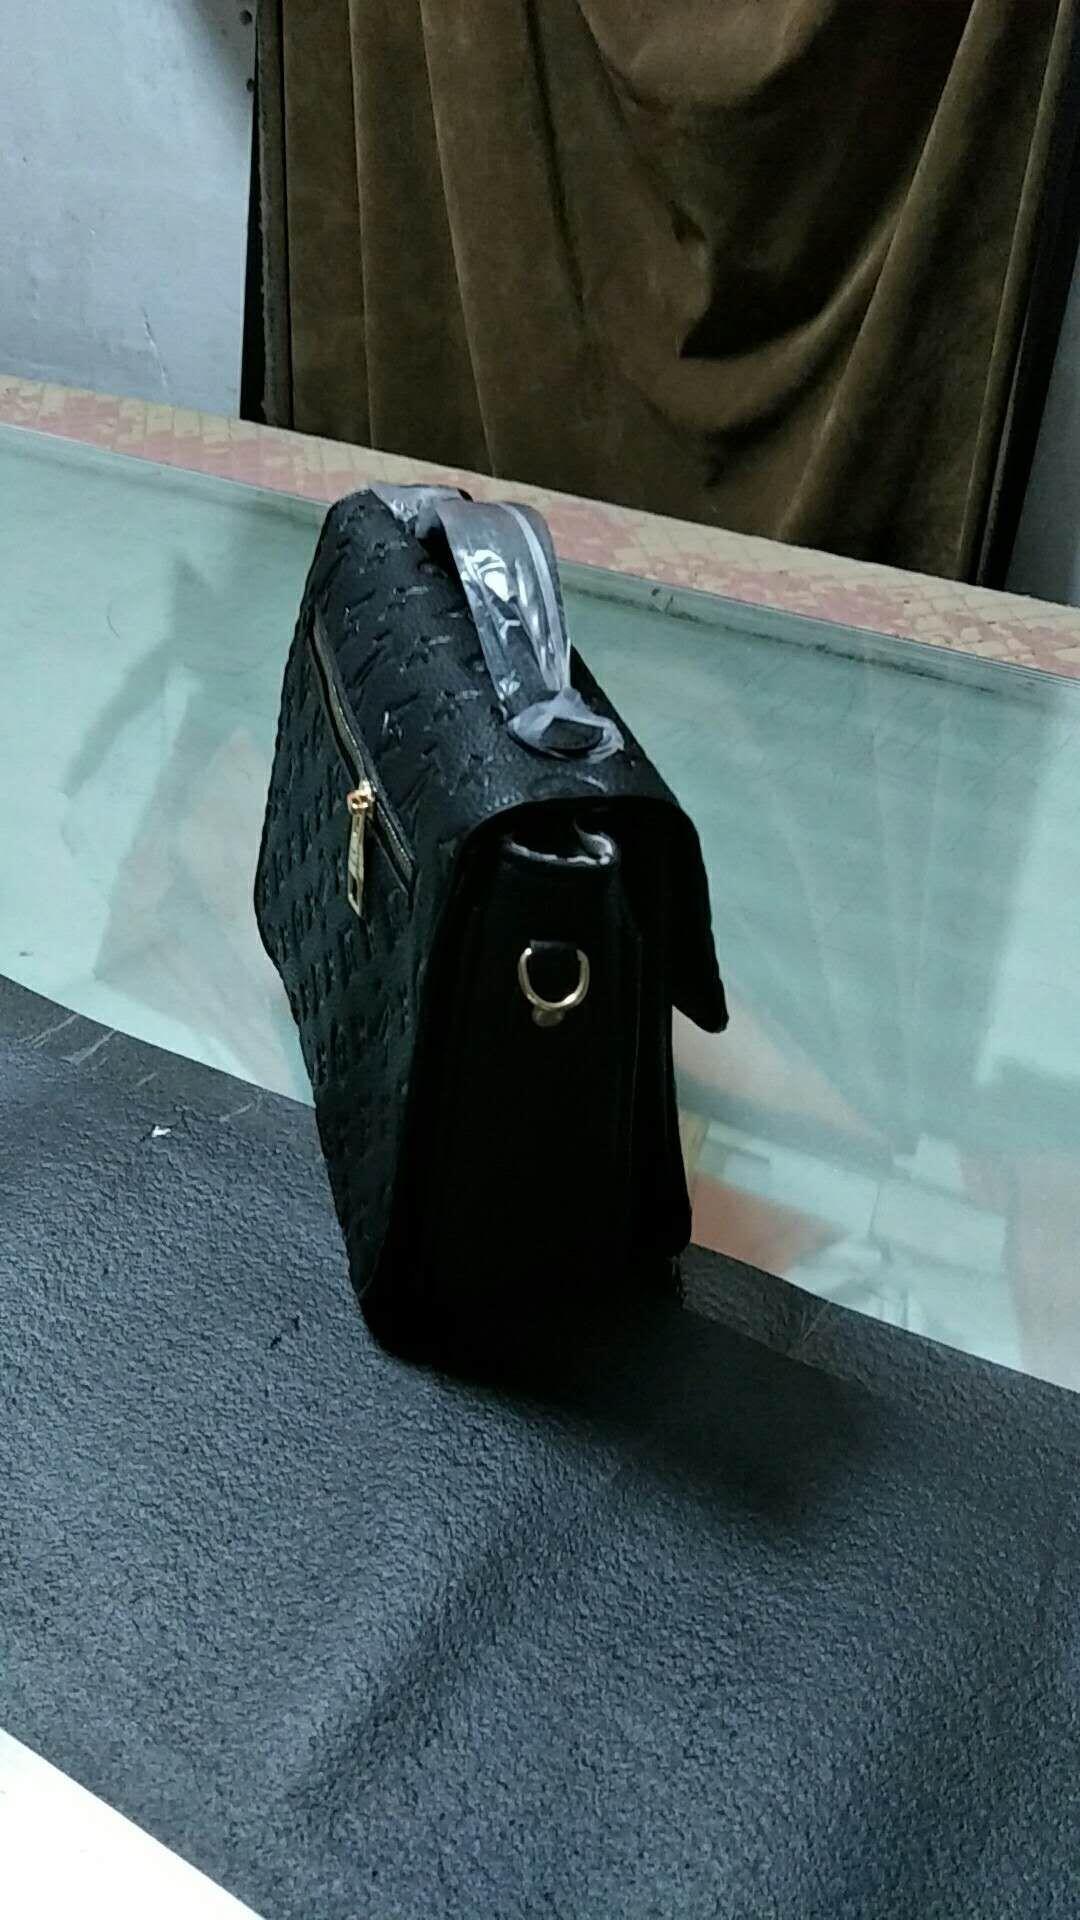 2266e0485b87 2018NEW Europe Luxury Brand Women Bags Handbag Famous Designer Handbags  Ladies Handbag Fashion Tote Bag Women S Shop Bags Duffel Bags Big Bags  Rolling ...